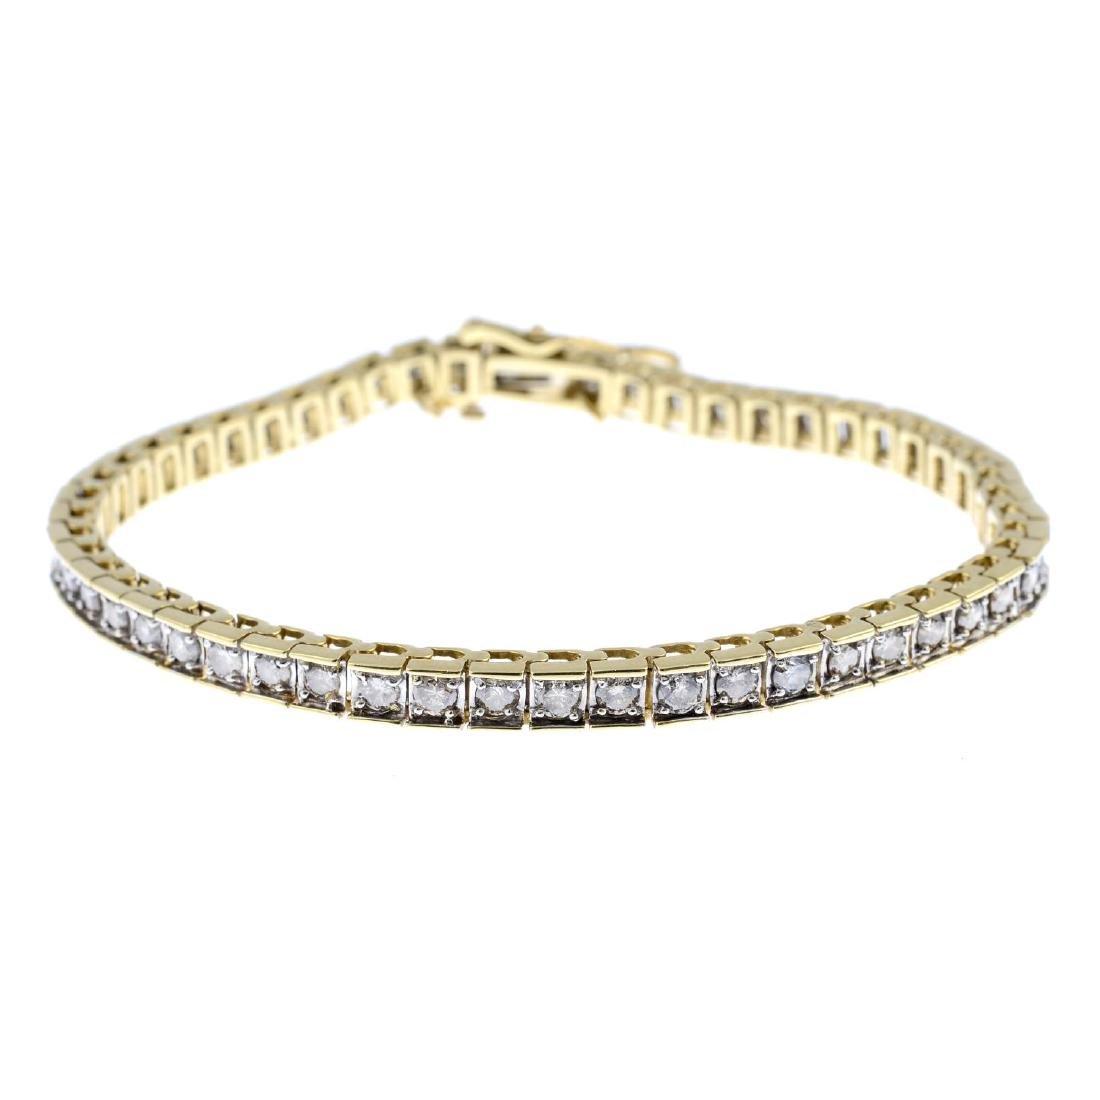 A diamond bracelet. The brilliant-cut diamond line,